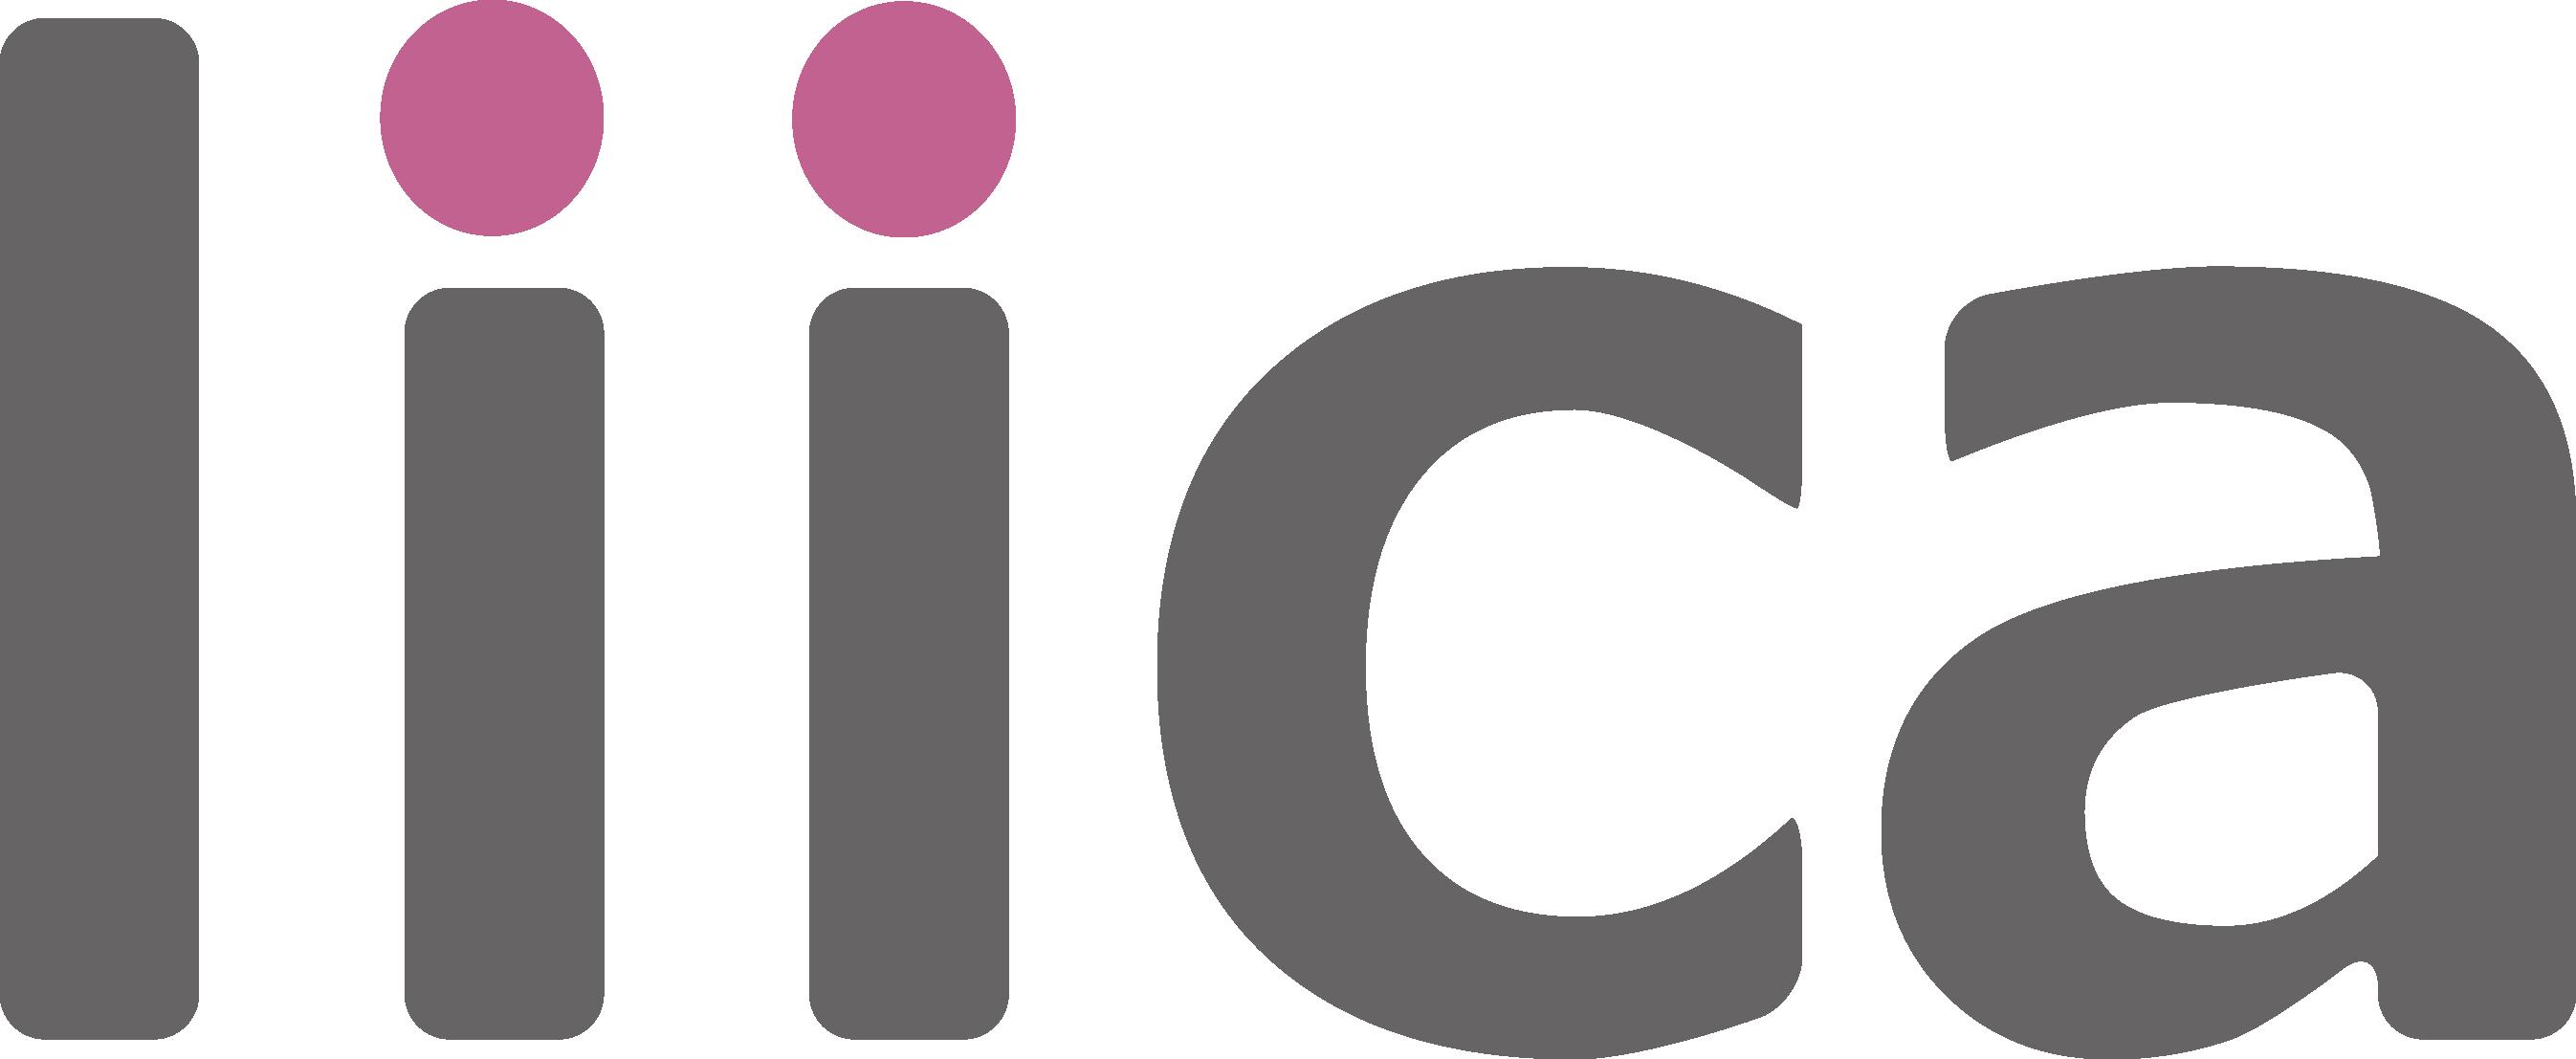 株式会社リイカのロゴ画像